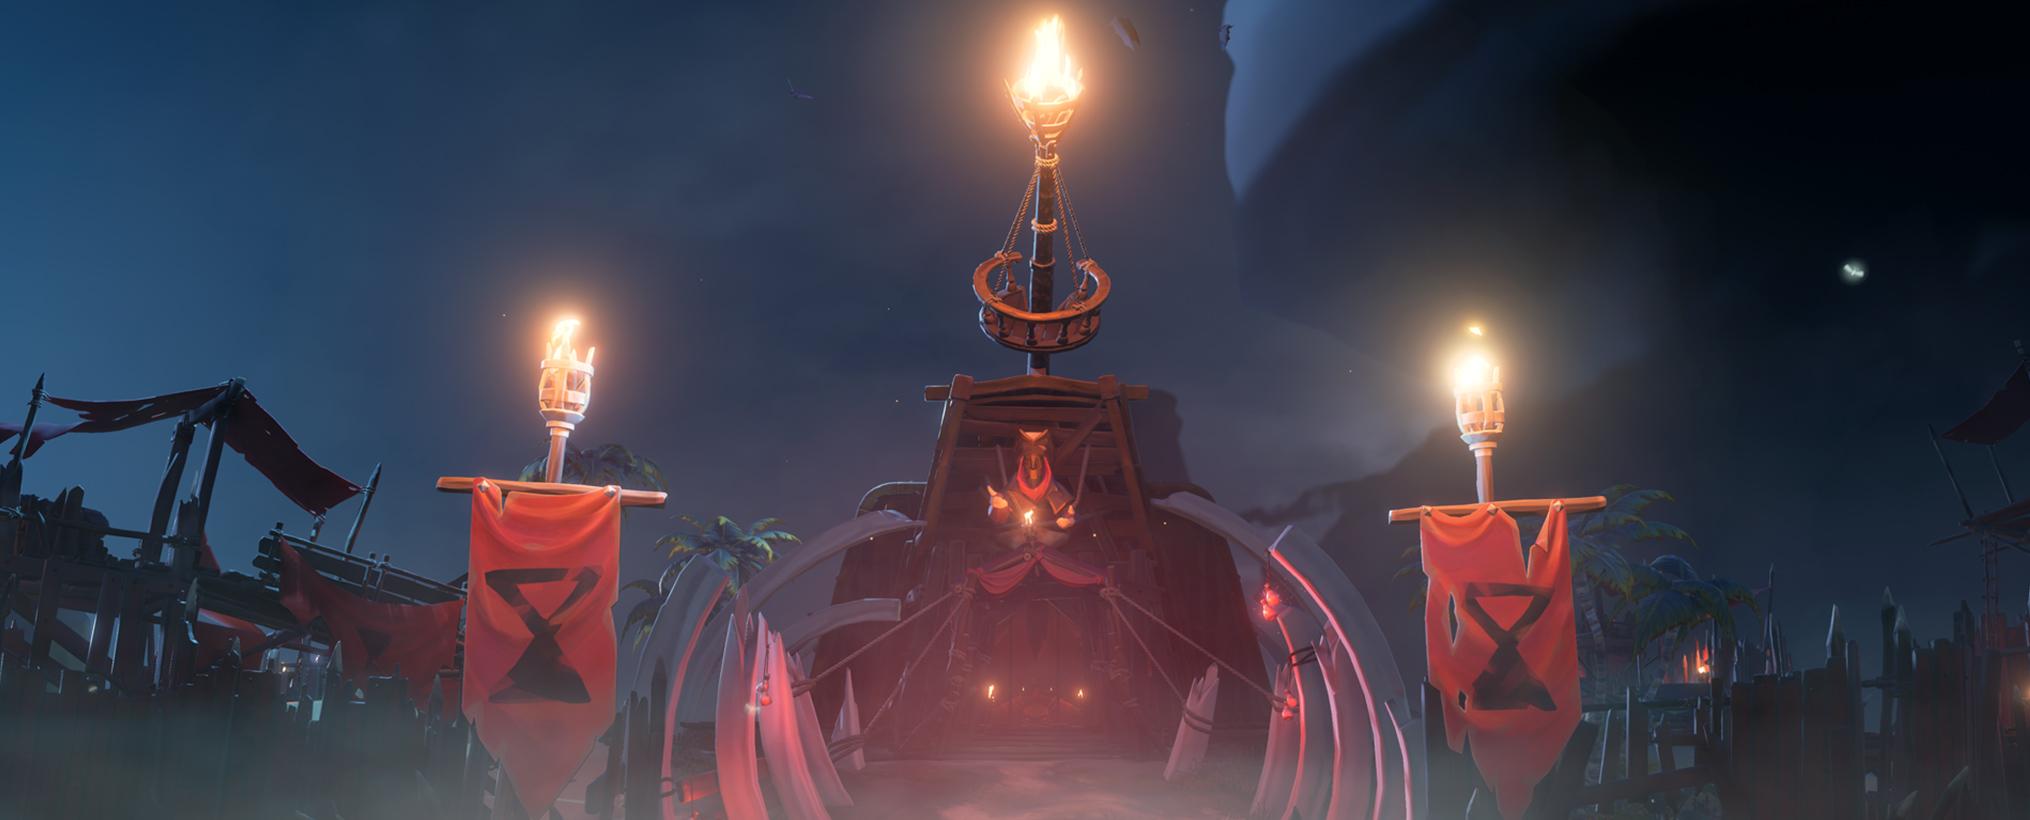 Nuevo vídeo de Sea of Thieves explica cómo interactuar con los emisarios de Ships of Fortune 2